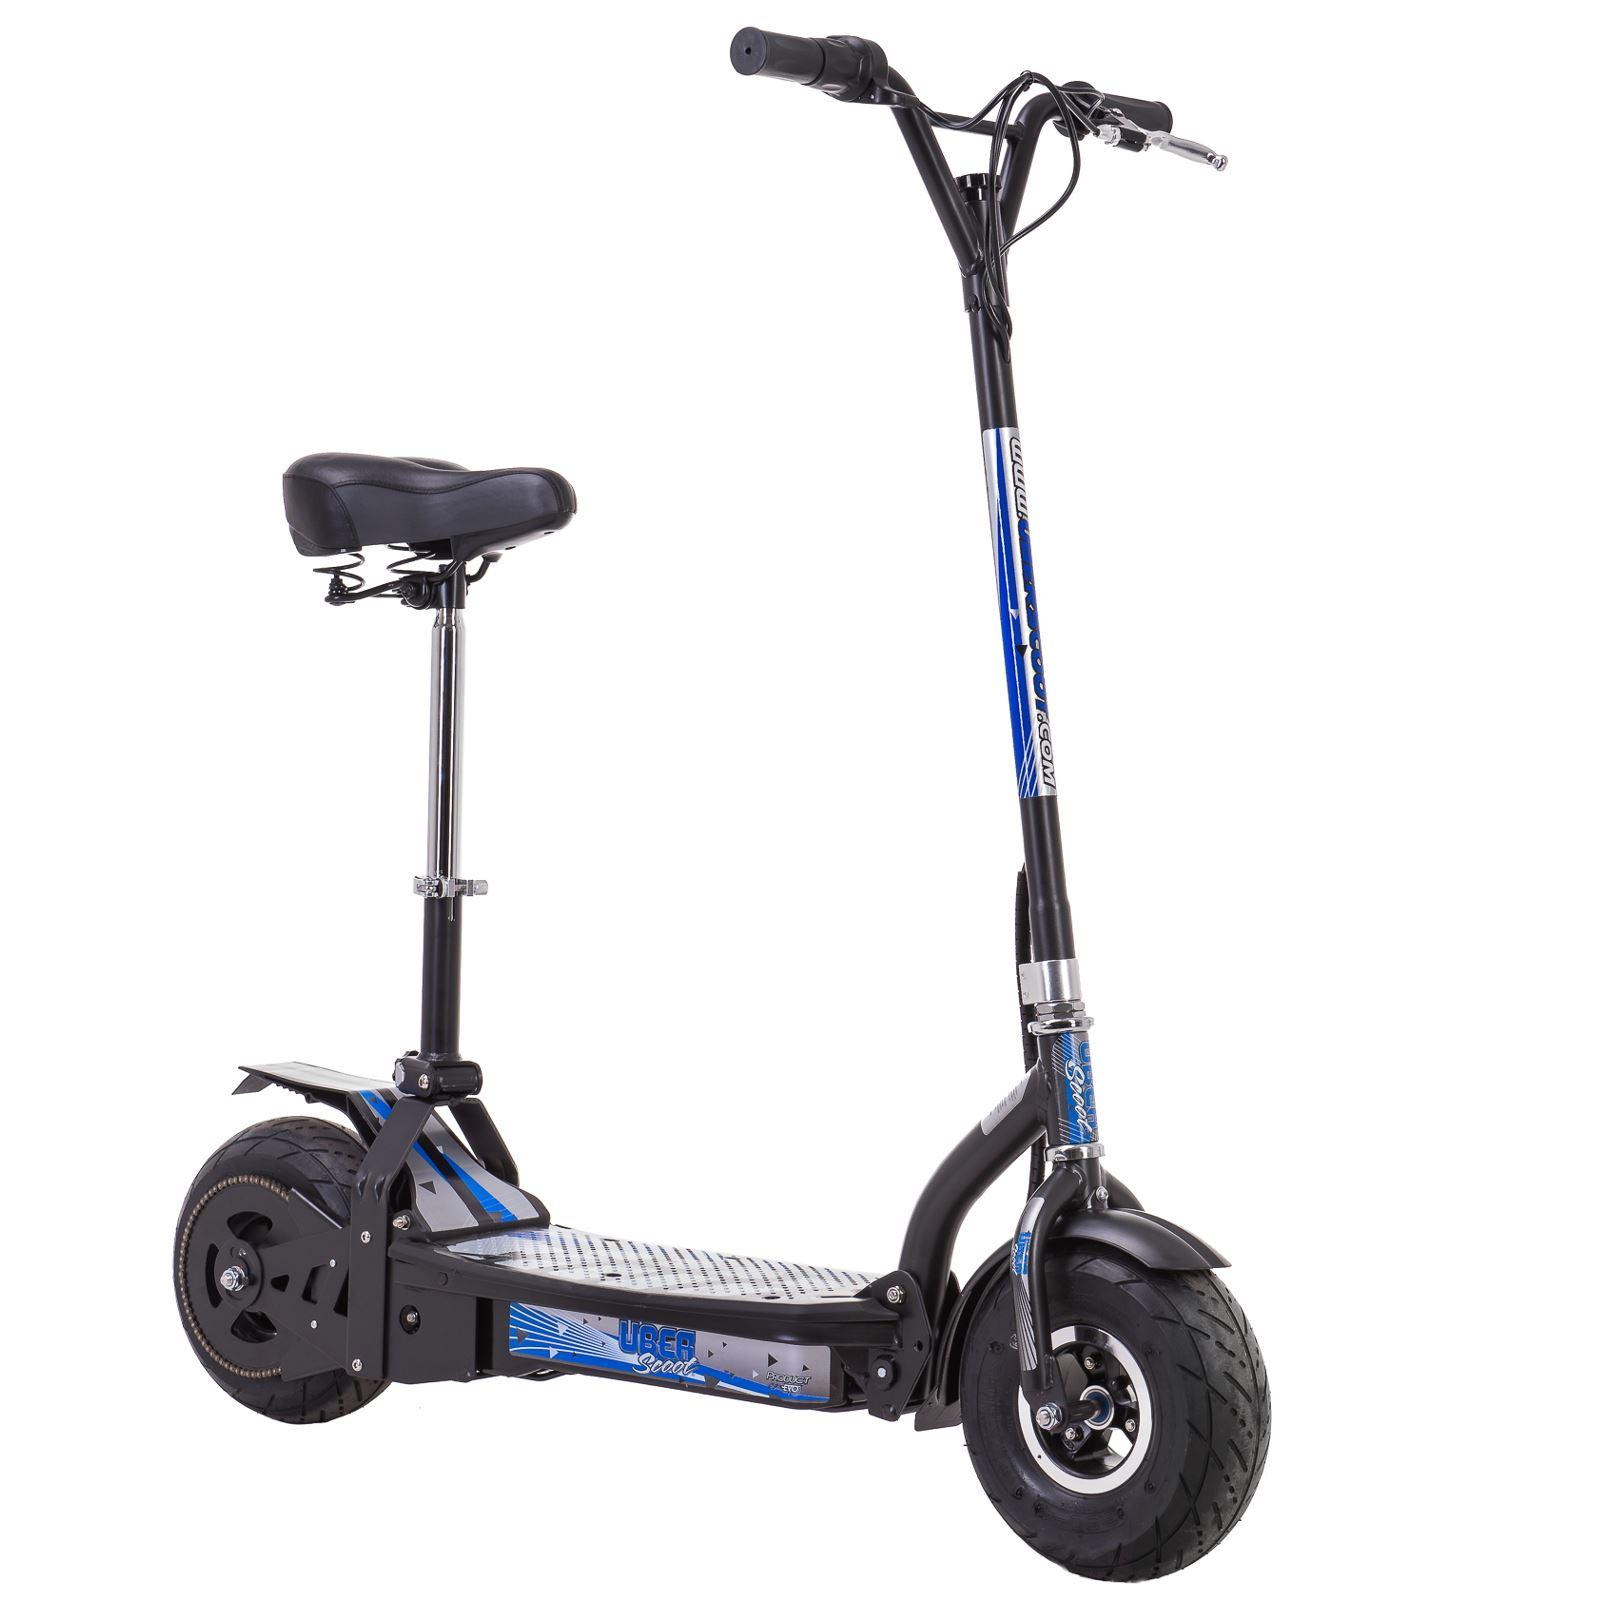 E-Scooter eroller Di alta qualità MONOPATTINO 300W Scooter elettrico Sede 20km h